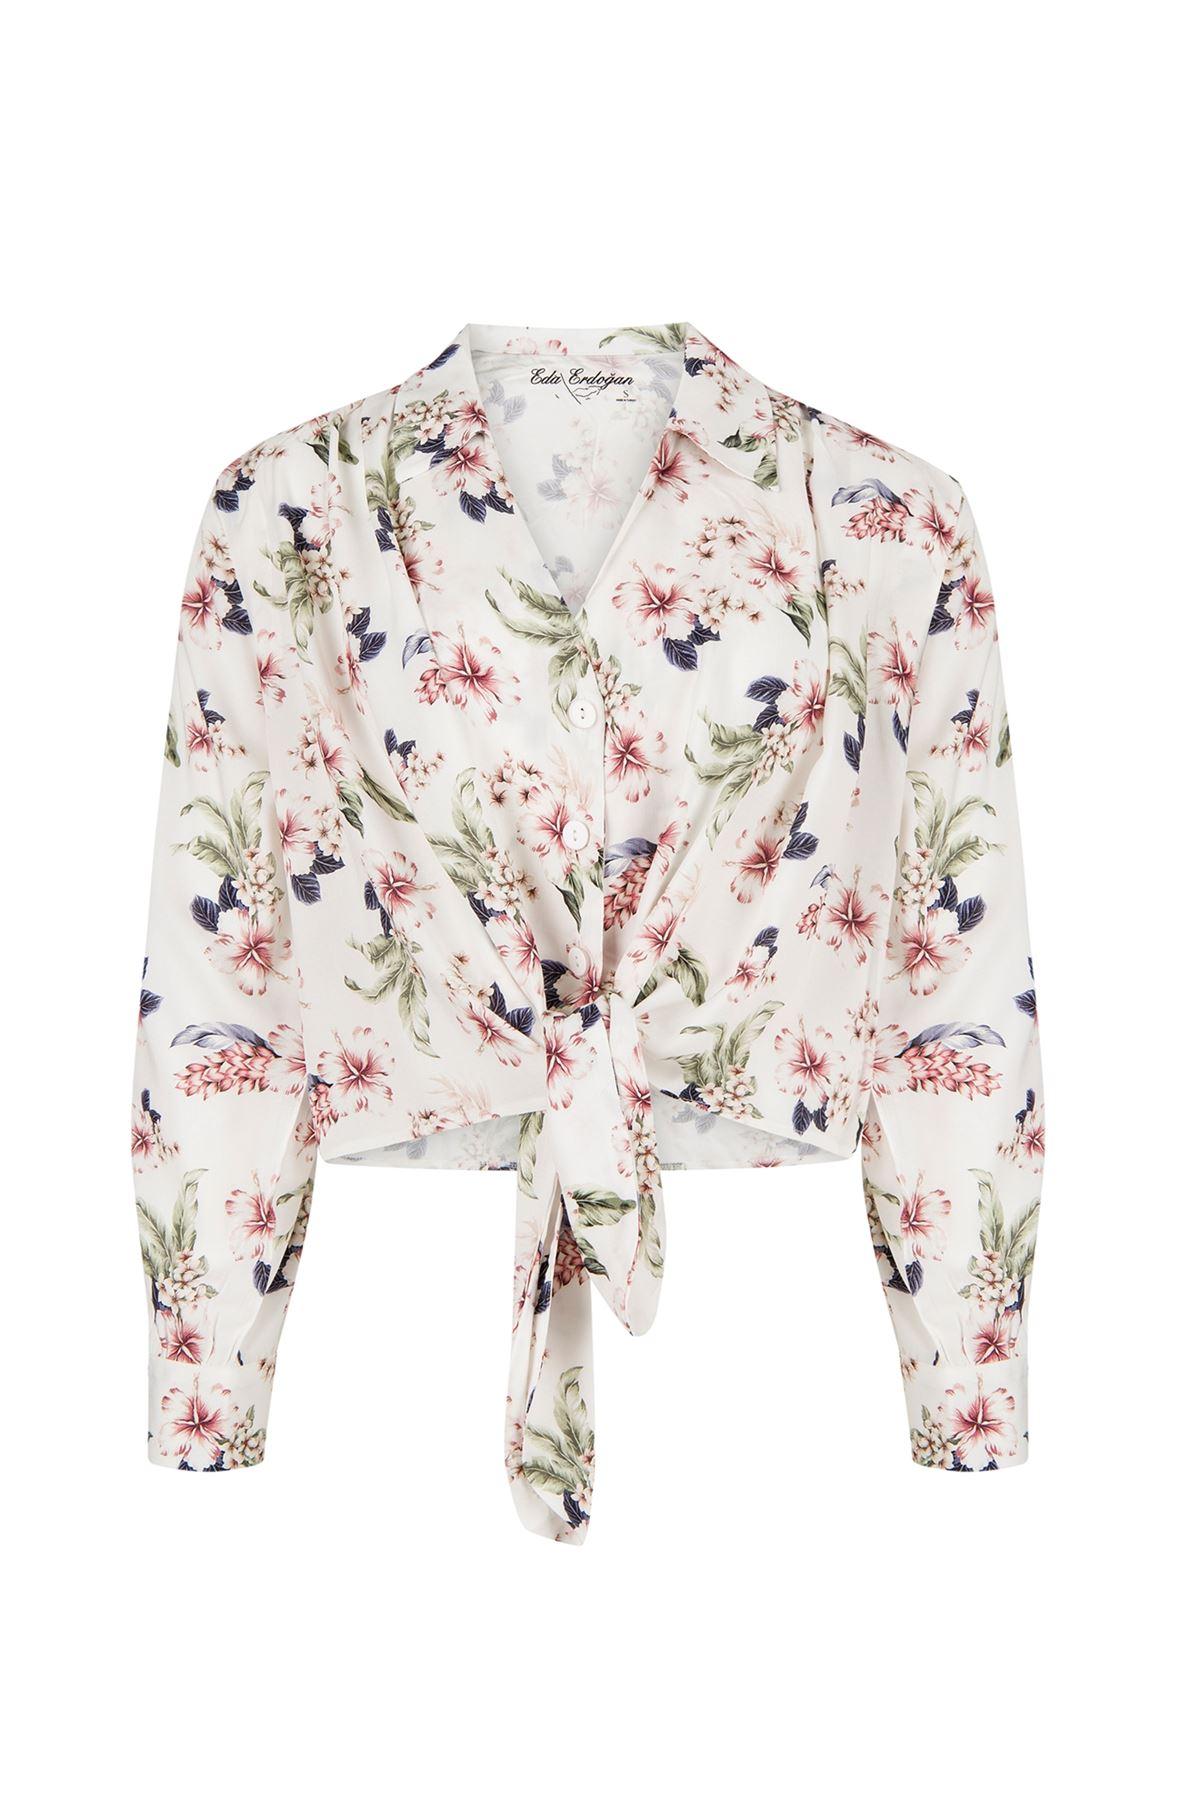 Önden Bağlamalı Gömlek (Beyaz Üzeri Çiçekli)